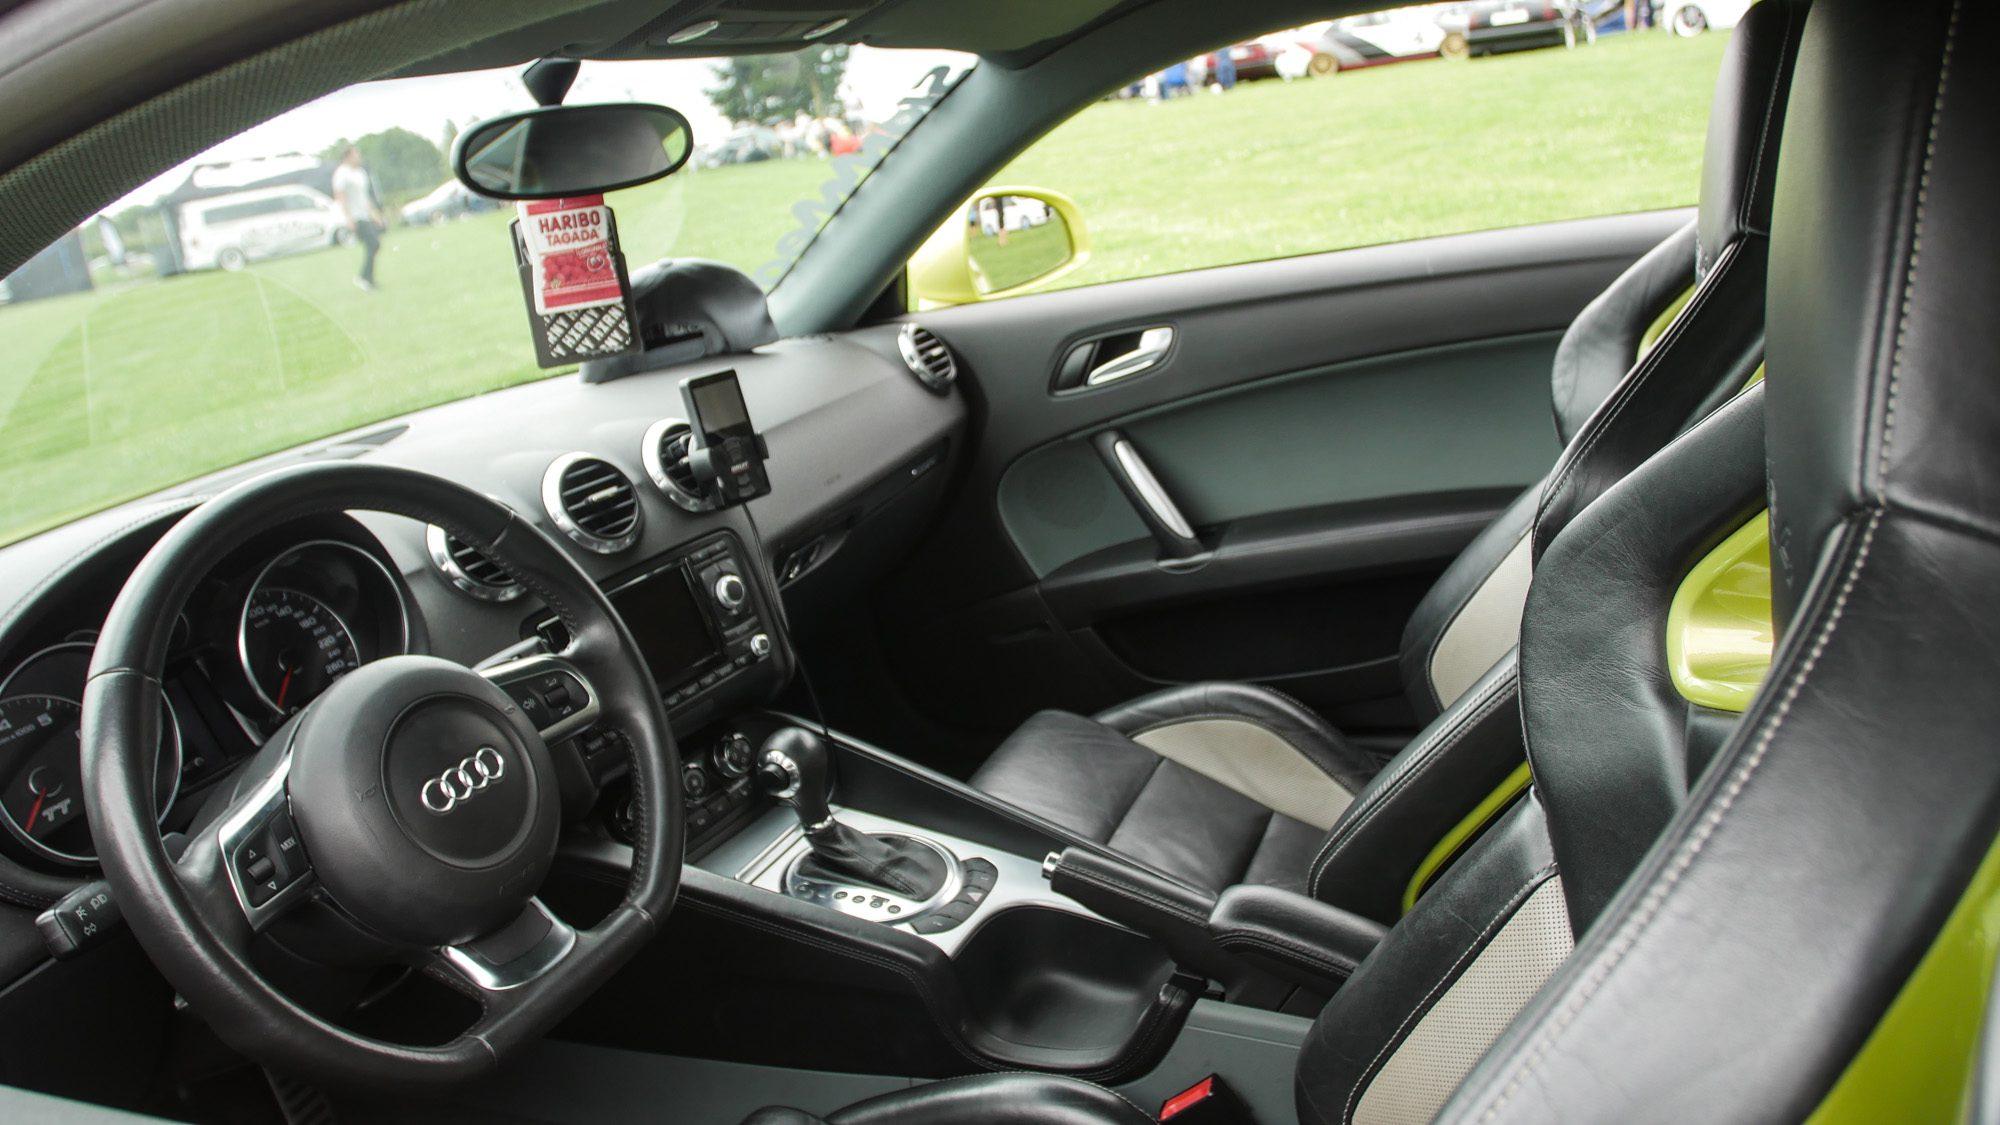 Ein Traum für Leder-Fans: Innenraum des Audi TT